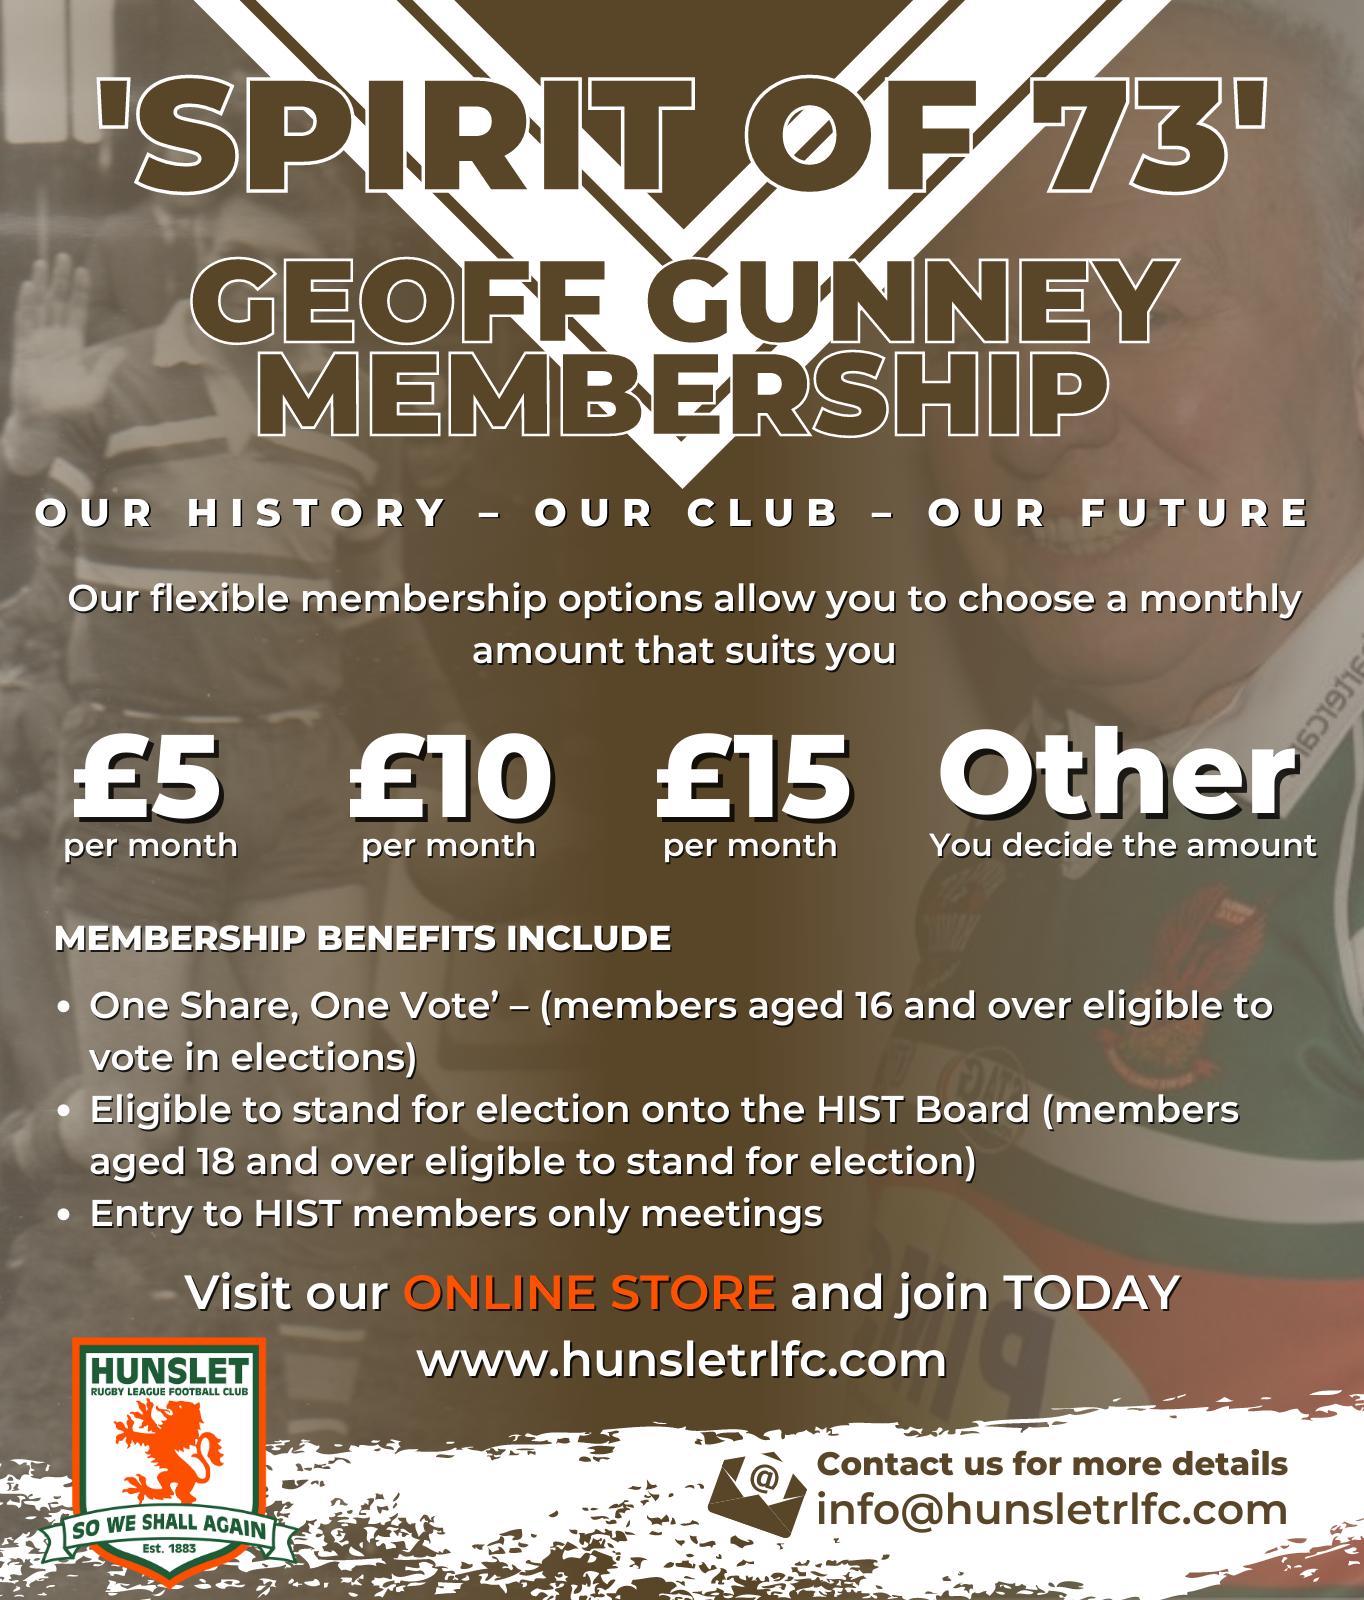 Spirit of 73 - Geoff Gunney £5